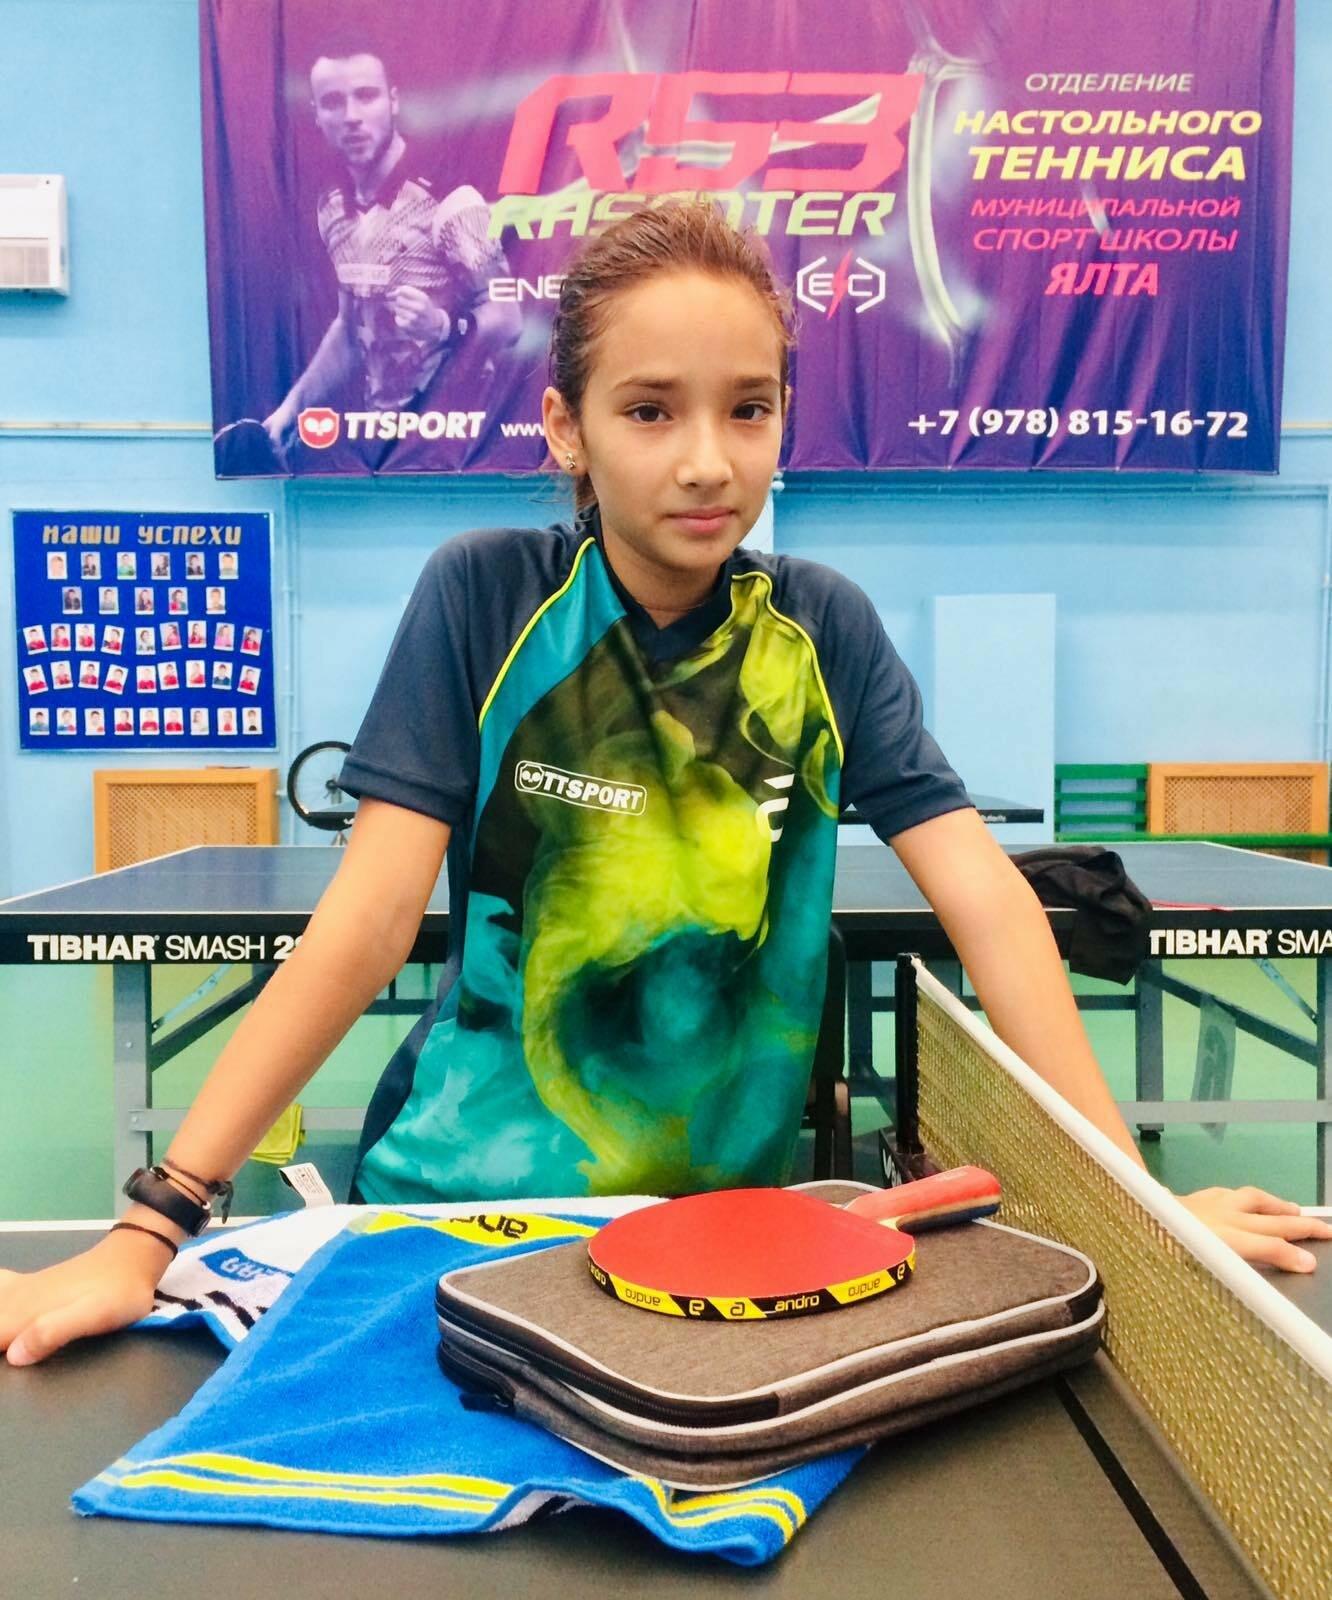 Ялтинка Юлия Кровякова заключила профессиональный контракт компанией, занимающейся продажей спортивной экипировки, фото-1